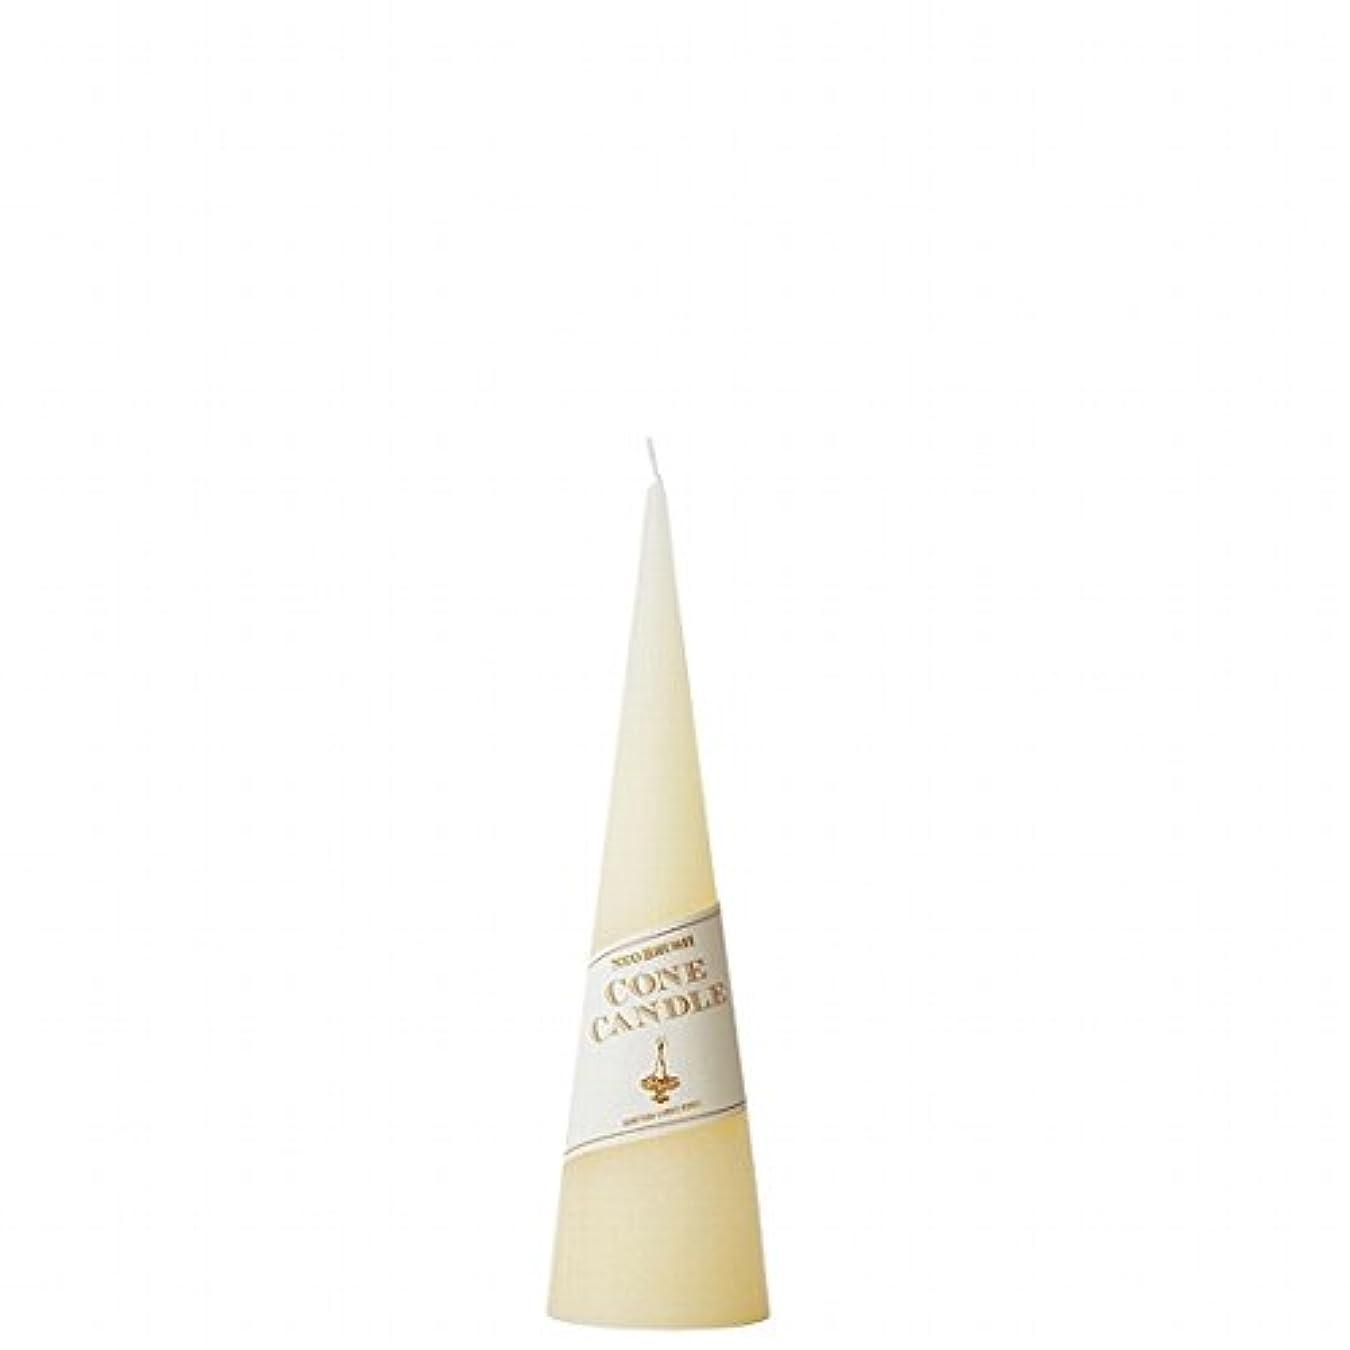 大胆離すアドバイスkameyama candle(カメヤマキャンドル) ネオブラッシュコーン 180 キャンドル 「 アイボリー 」(A9750010IV)